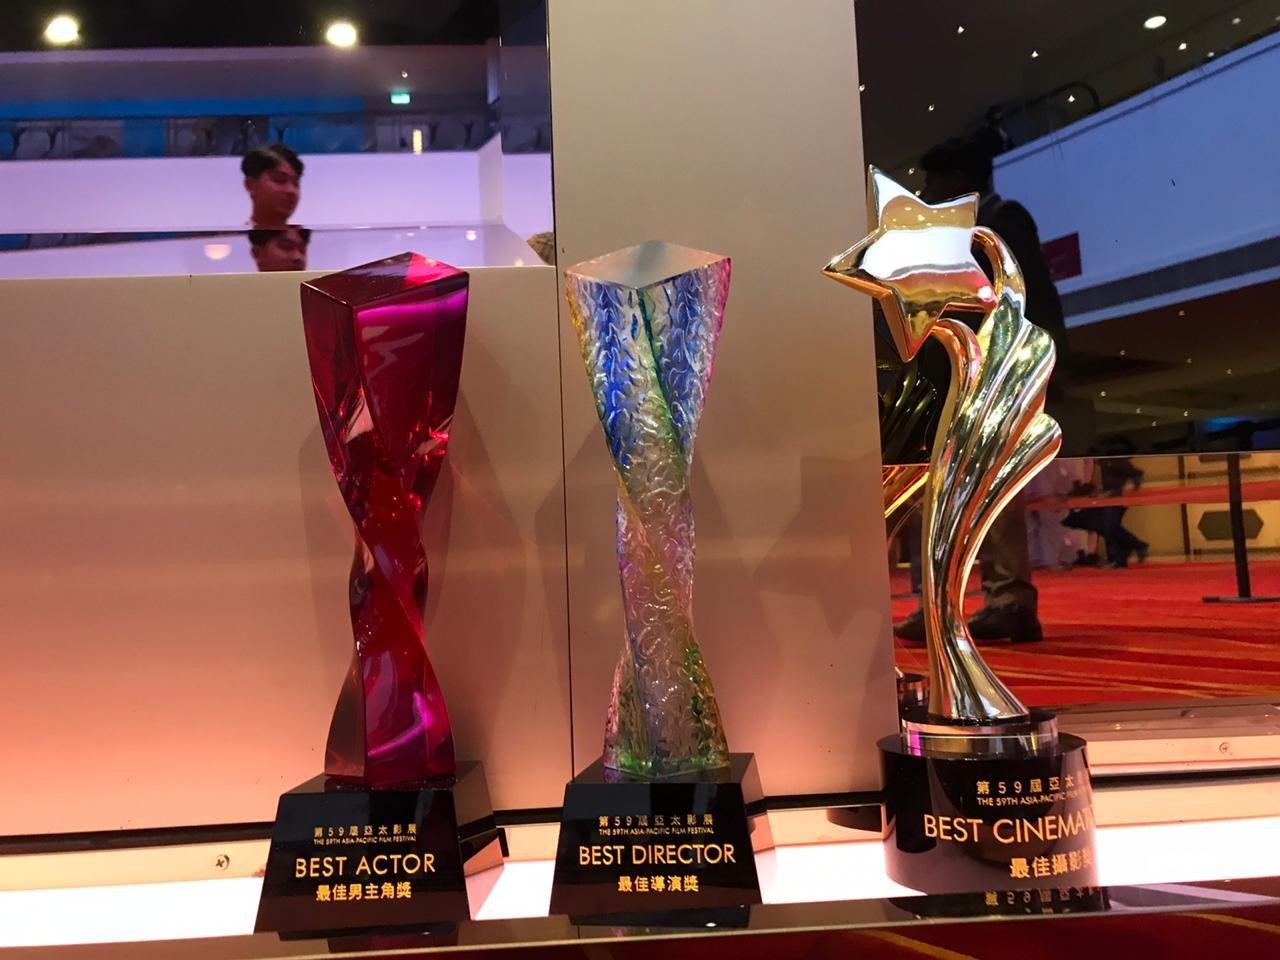 """संजय दत्त प्रोडक्शंस की पहली मराठी फ़िल्म """"बाबा"""" ने प्रतिष्ठित अंतरराष्ट्रीय पुरस्कार समारोहों में बड़ी जीत की हासिल!"""